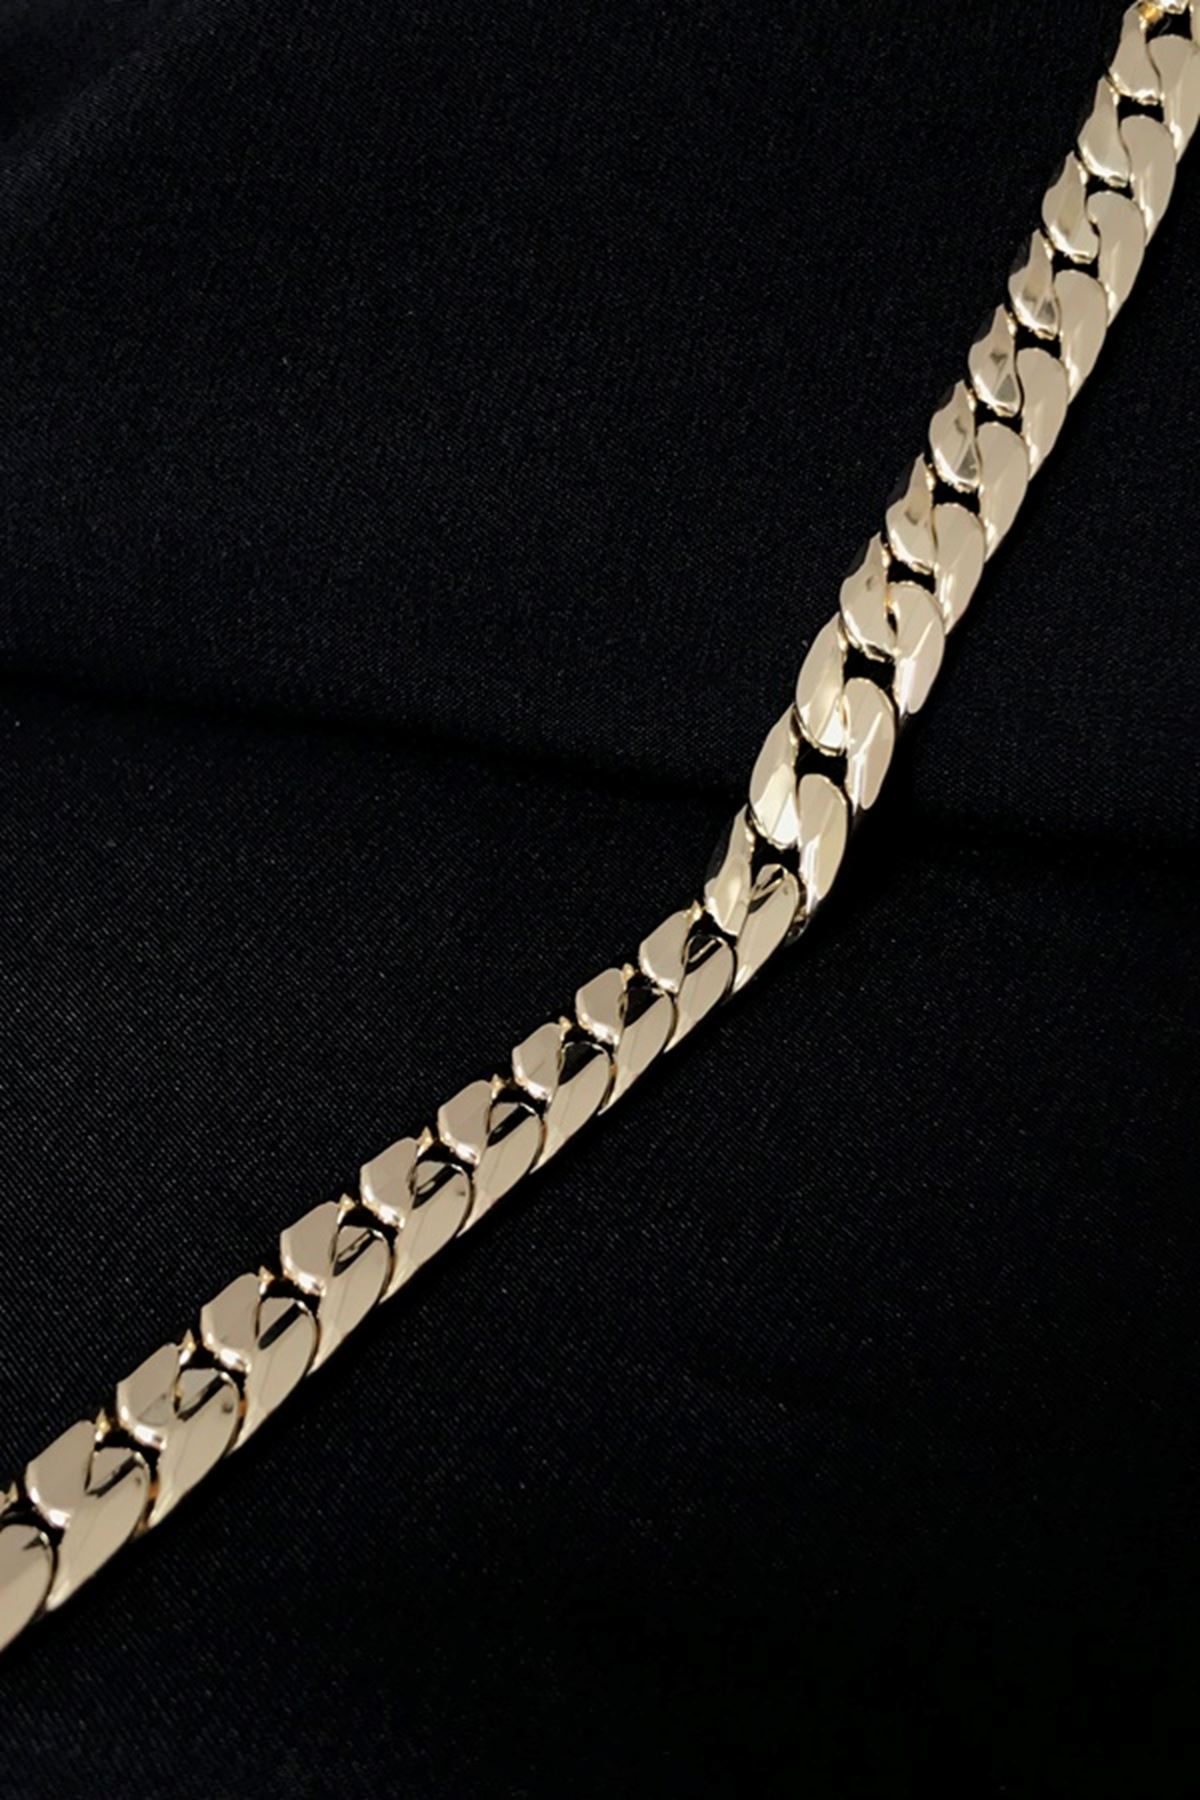 Italyan Zincir Bileklik BL20375